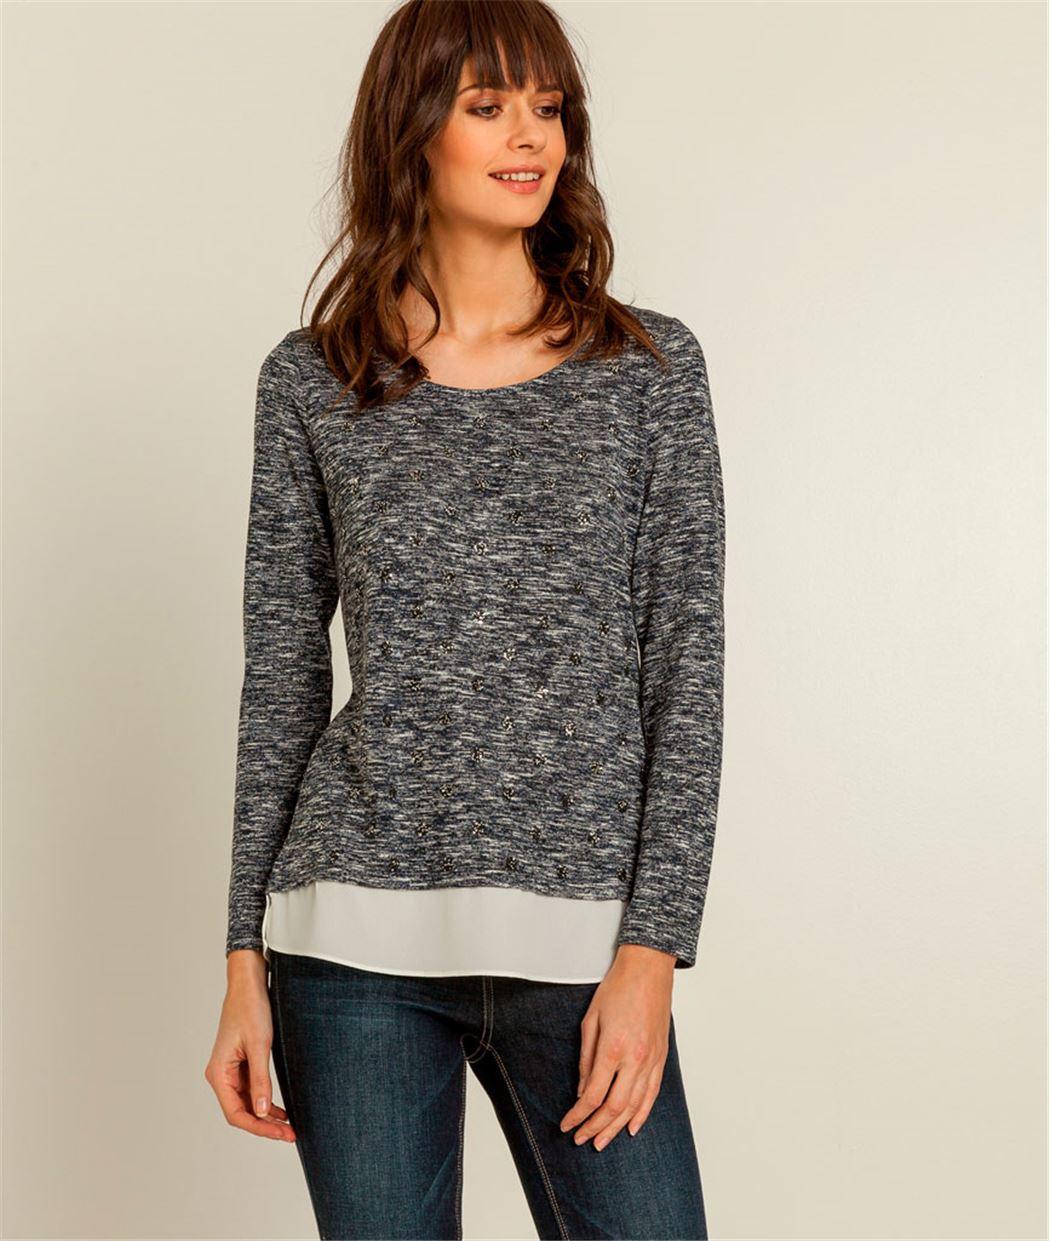 T-shirt femme mouliné ave sequins BLEU MARINE